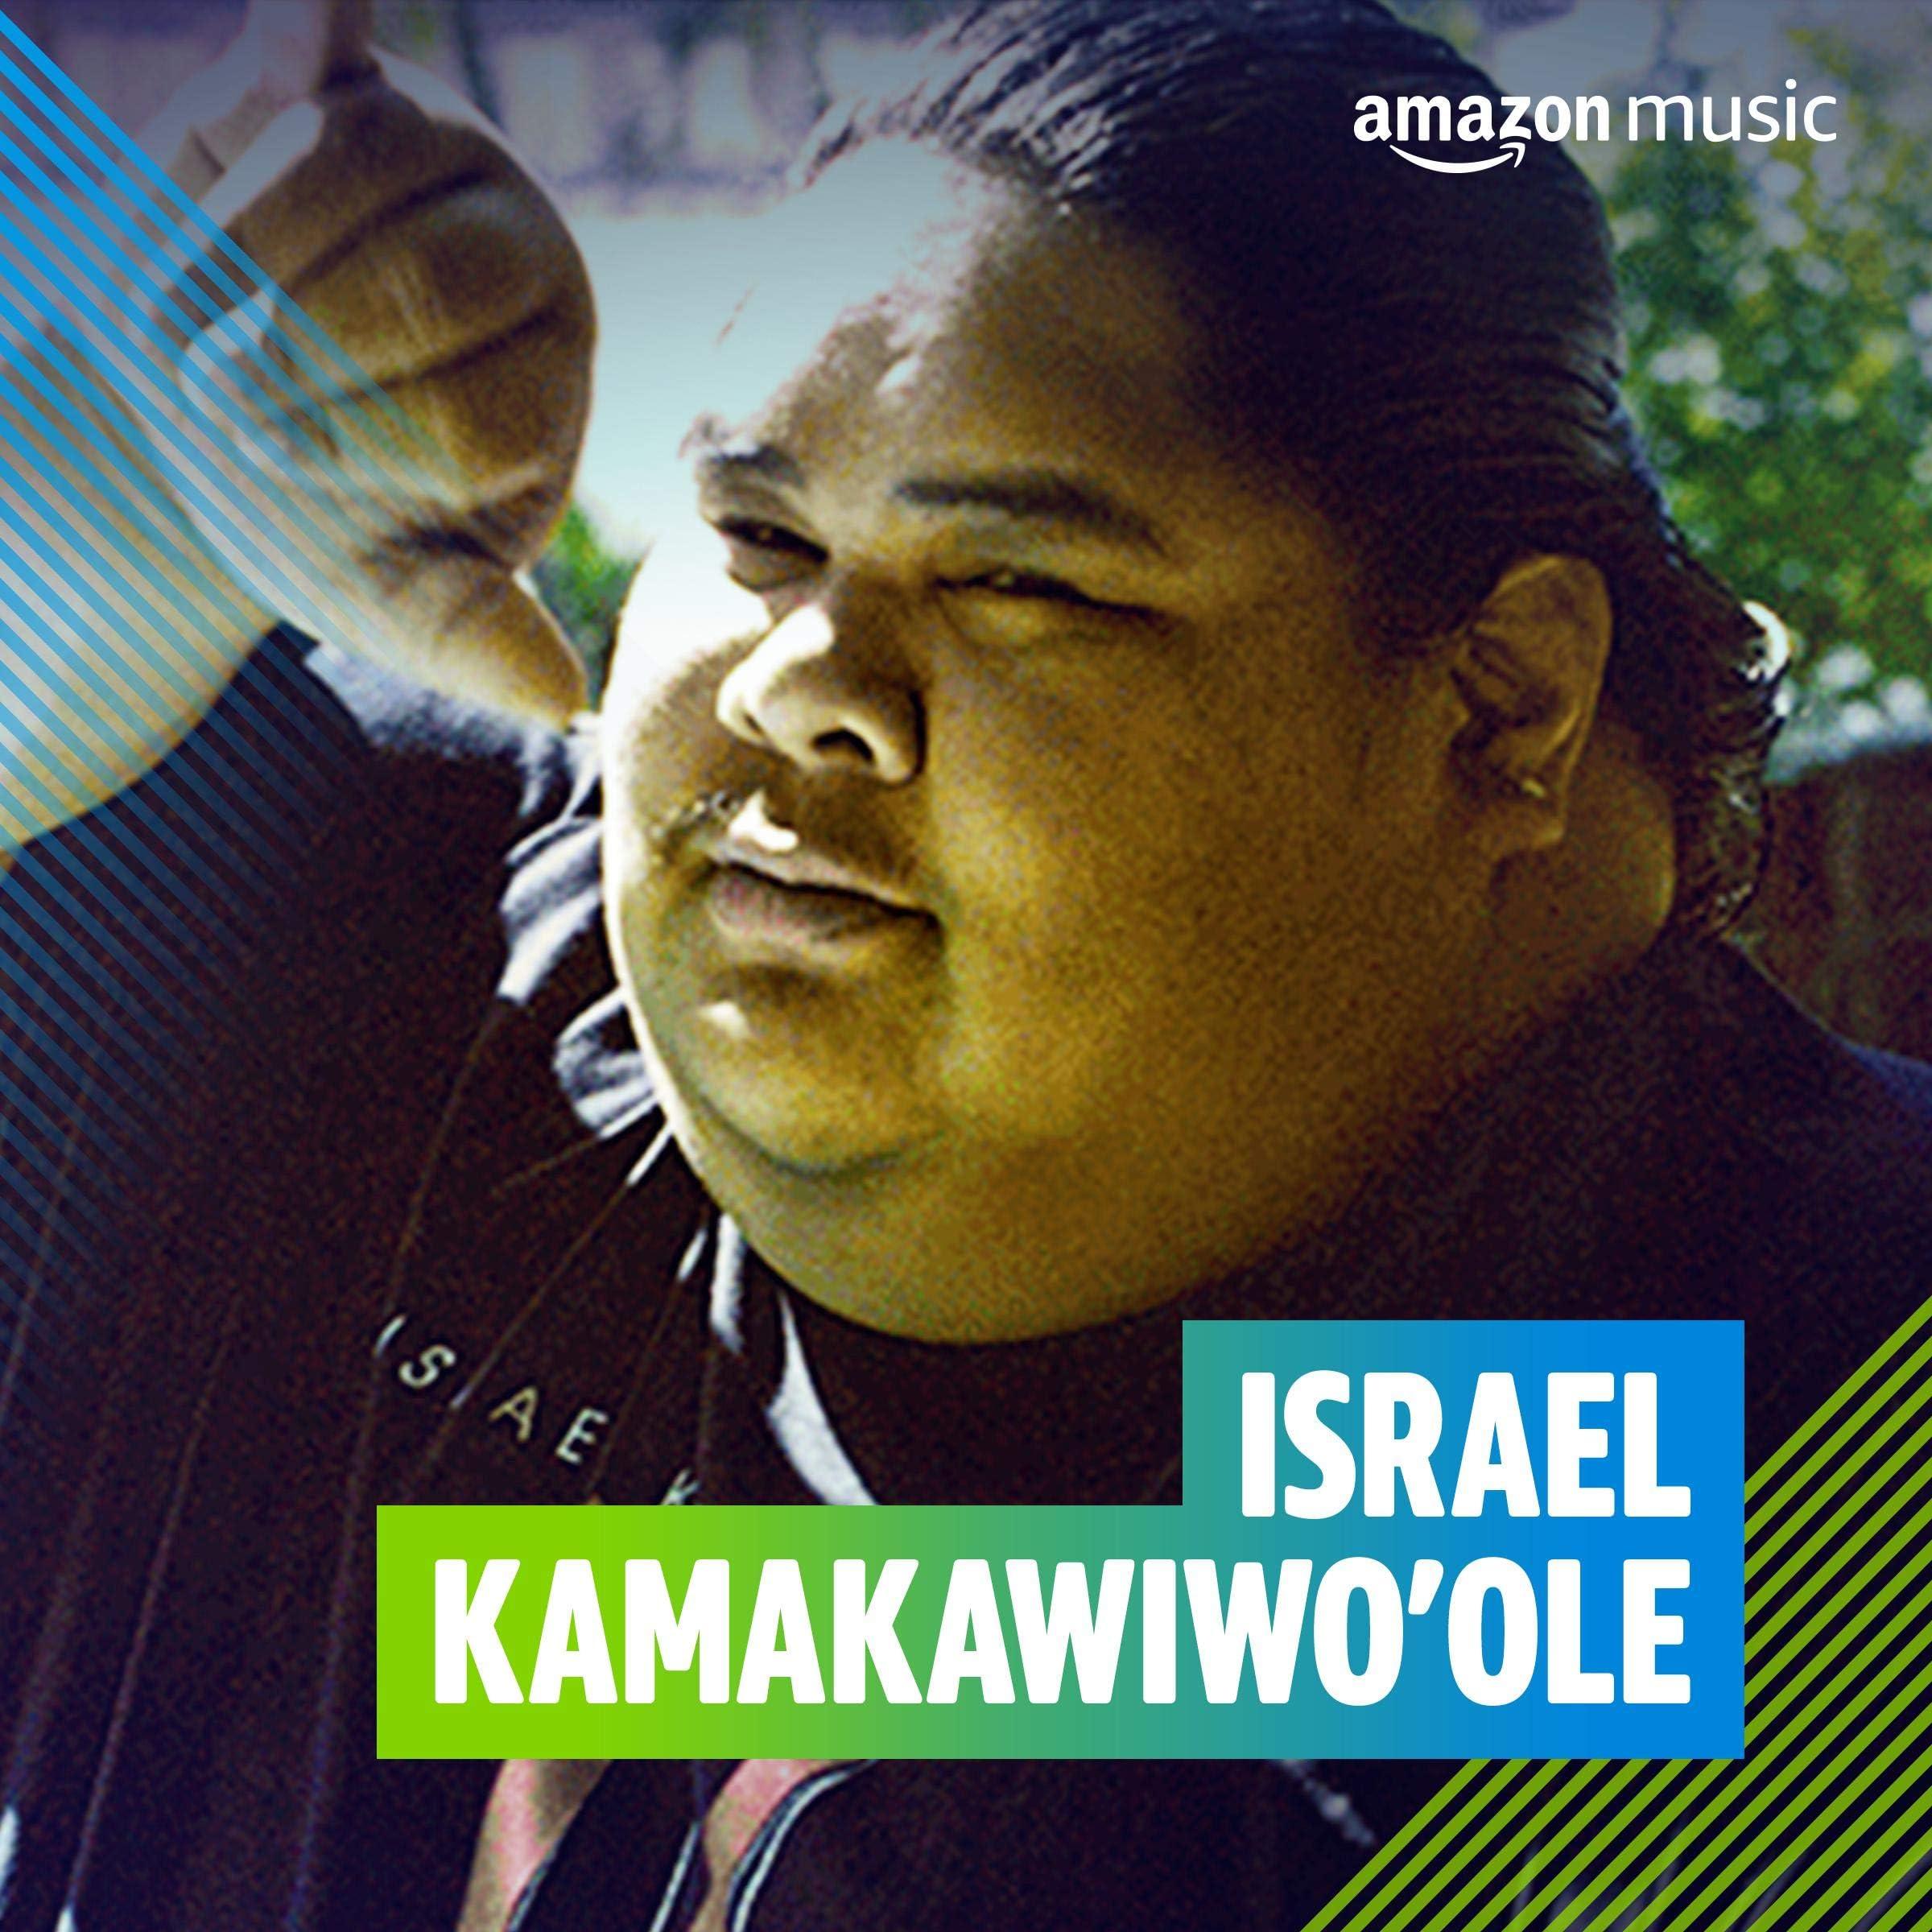 Israel Kamakawiwo'ole